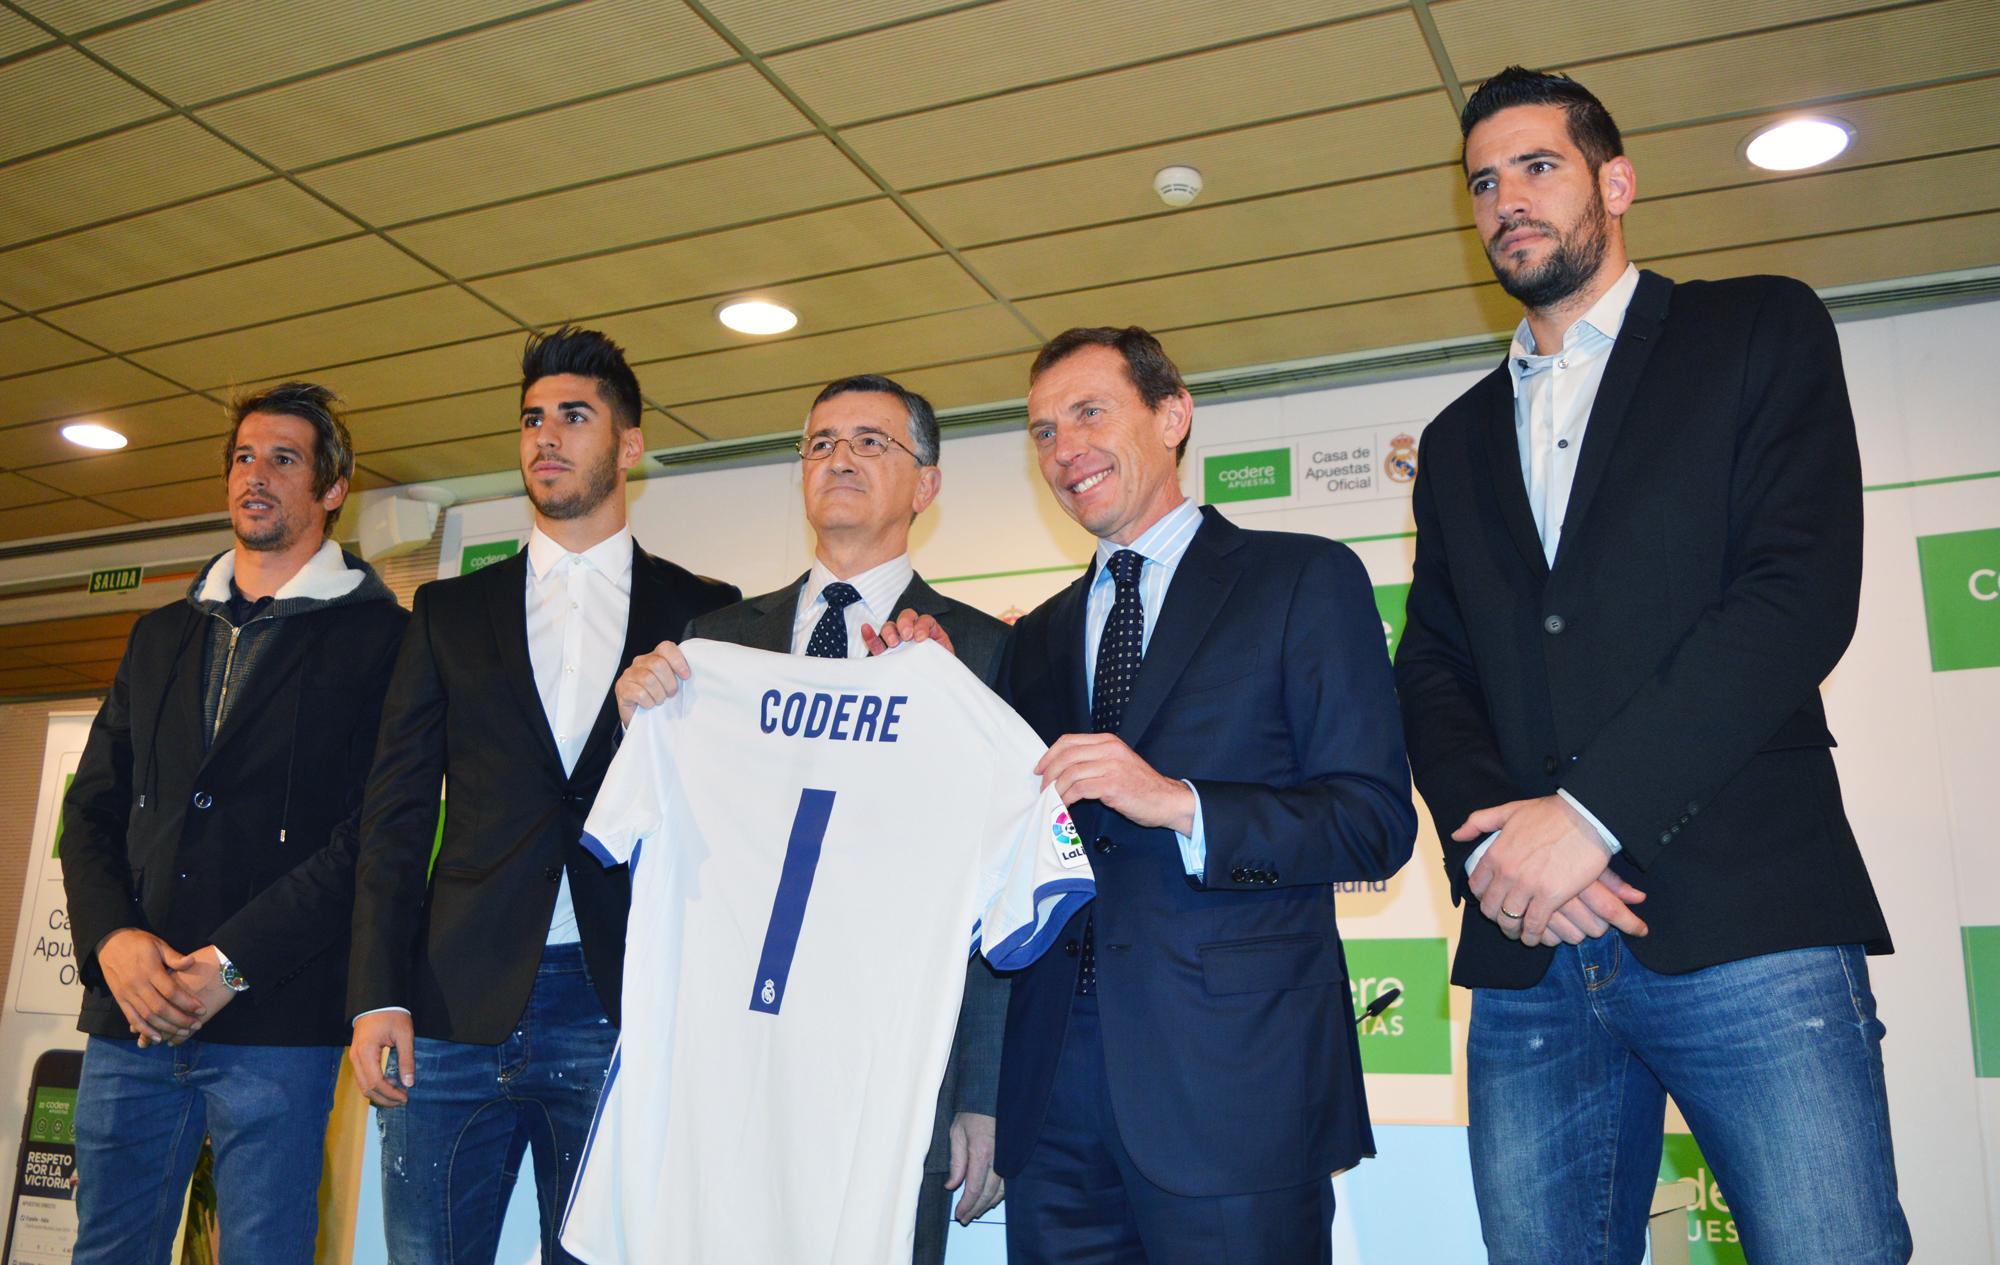 real-madrid-sponsor-codere-apuestas-football